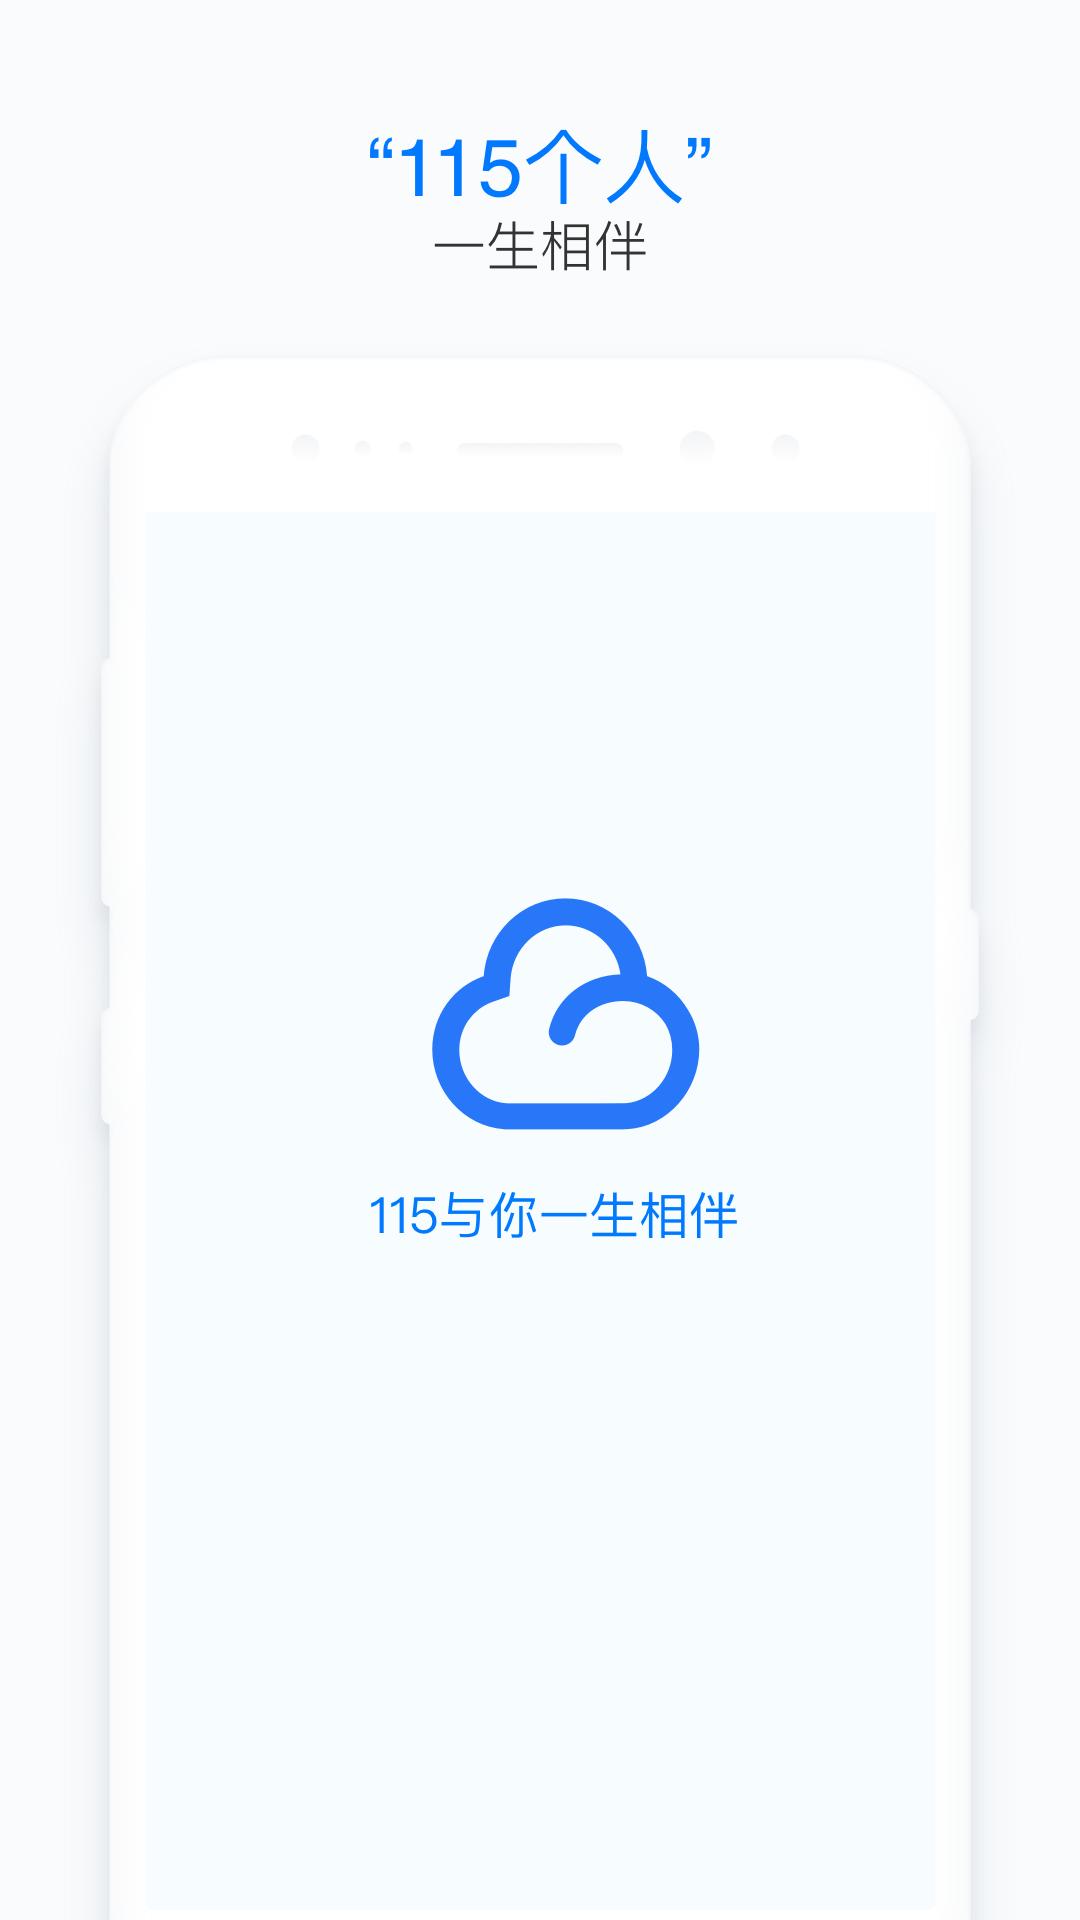 115个人网盘 V15.0.0 安卓版截图2